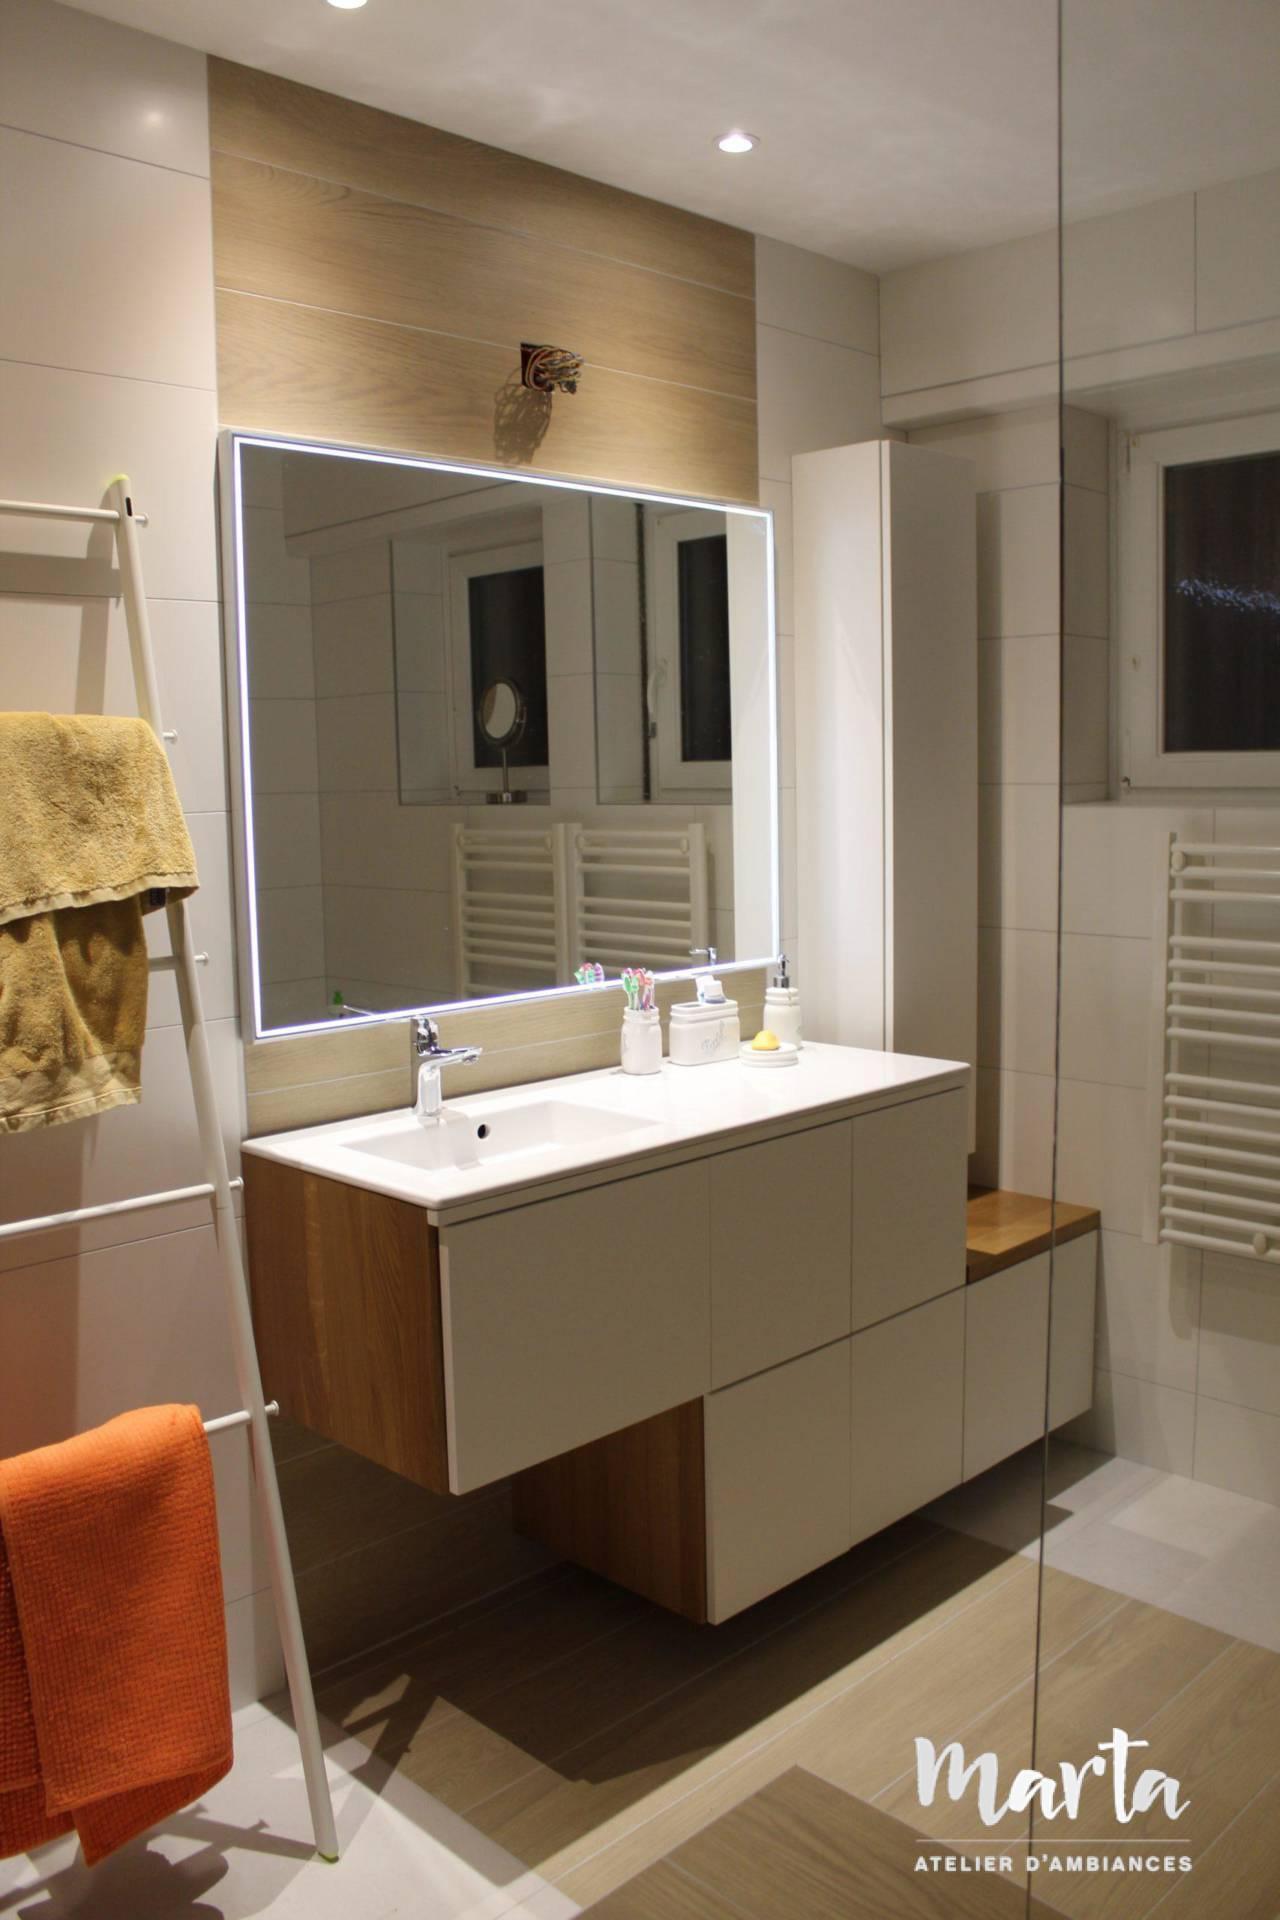 Rénovation de salle de bain, par Marta Atelier d'Ambiances, Architecte d'intérieur à Mulhouse, Alsace